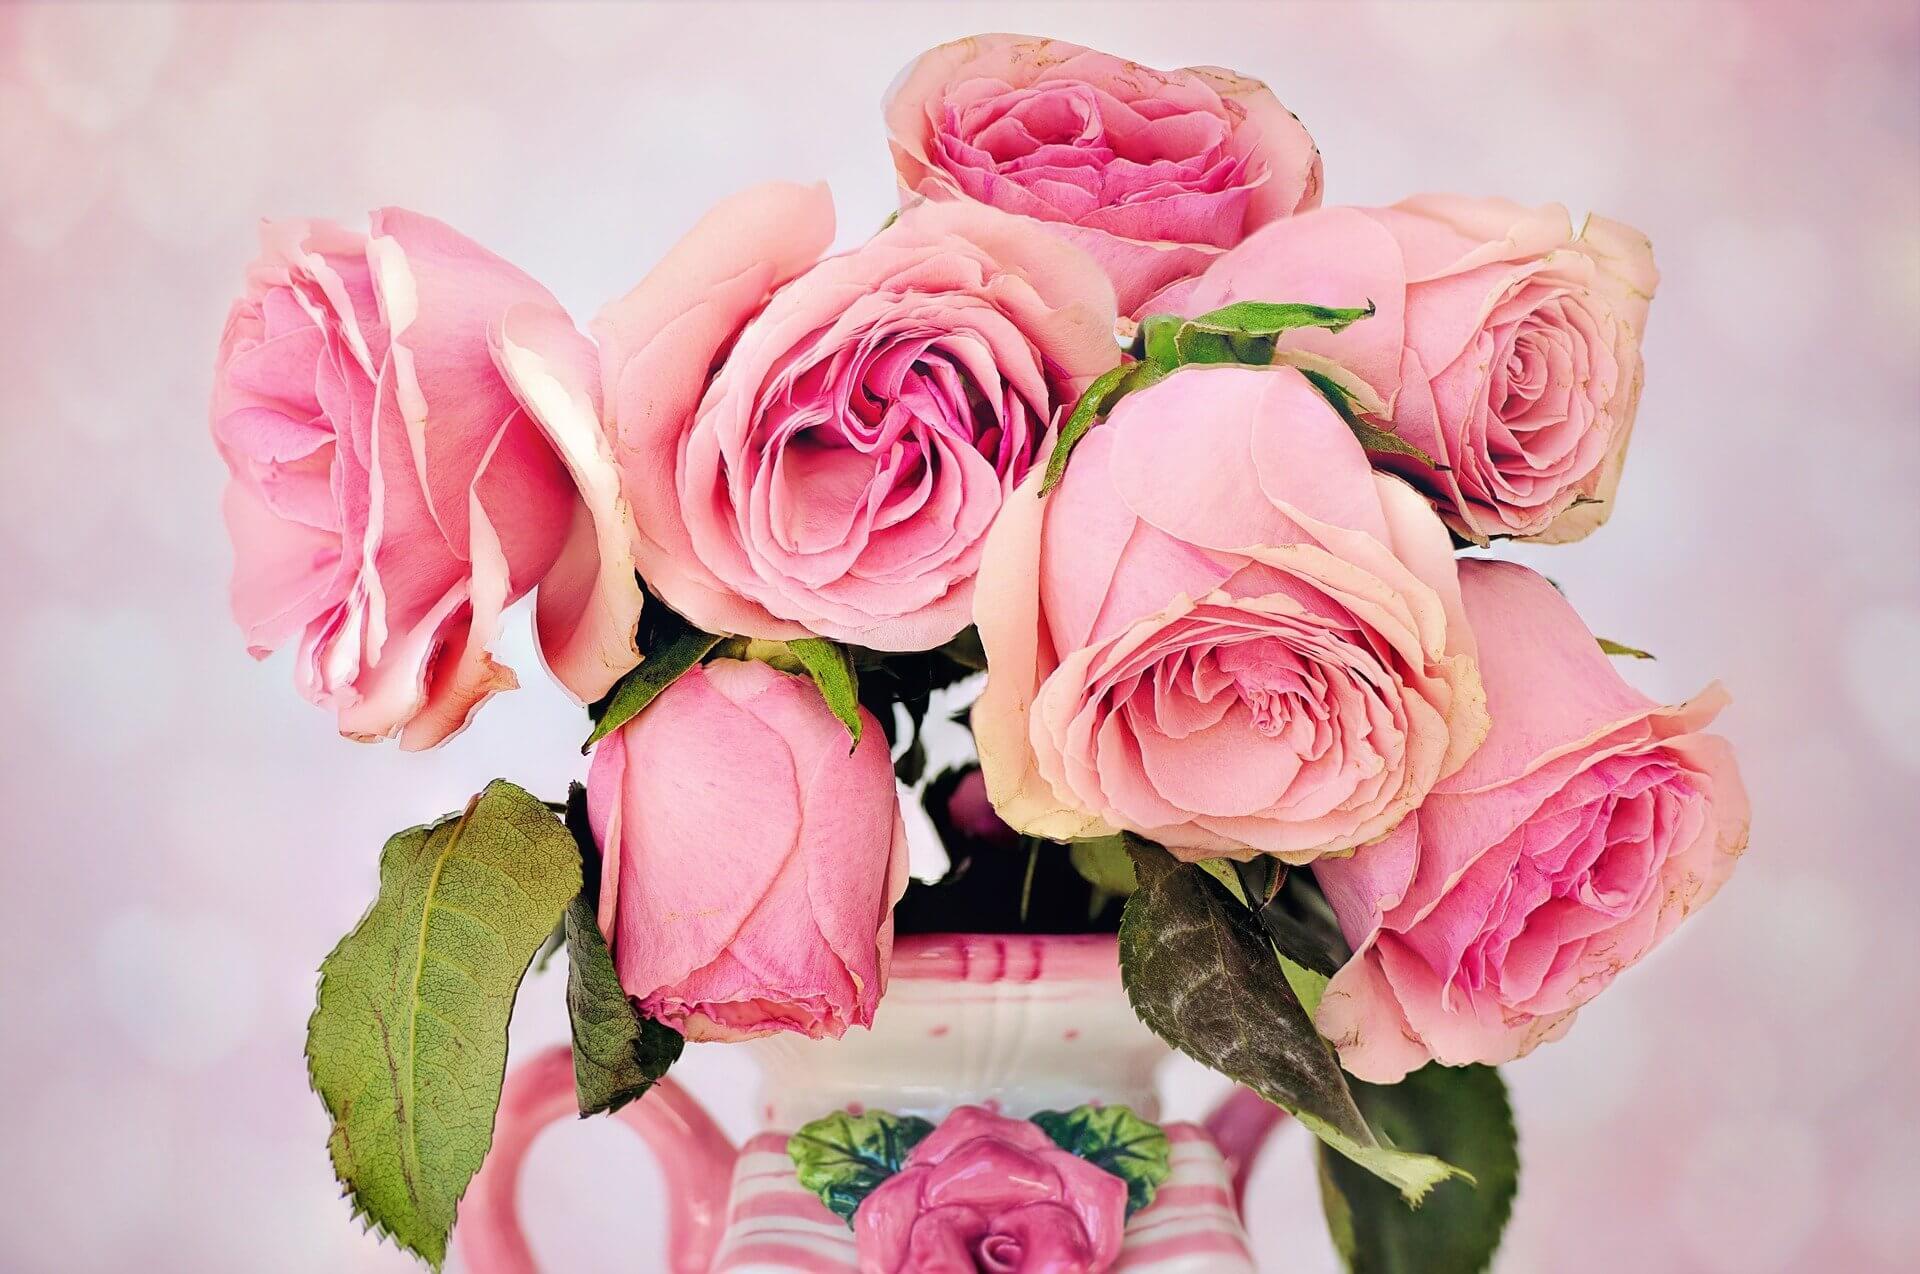 切り花を長持ちさせる方法は?しおれる原因を知り対処しよう